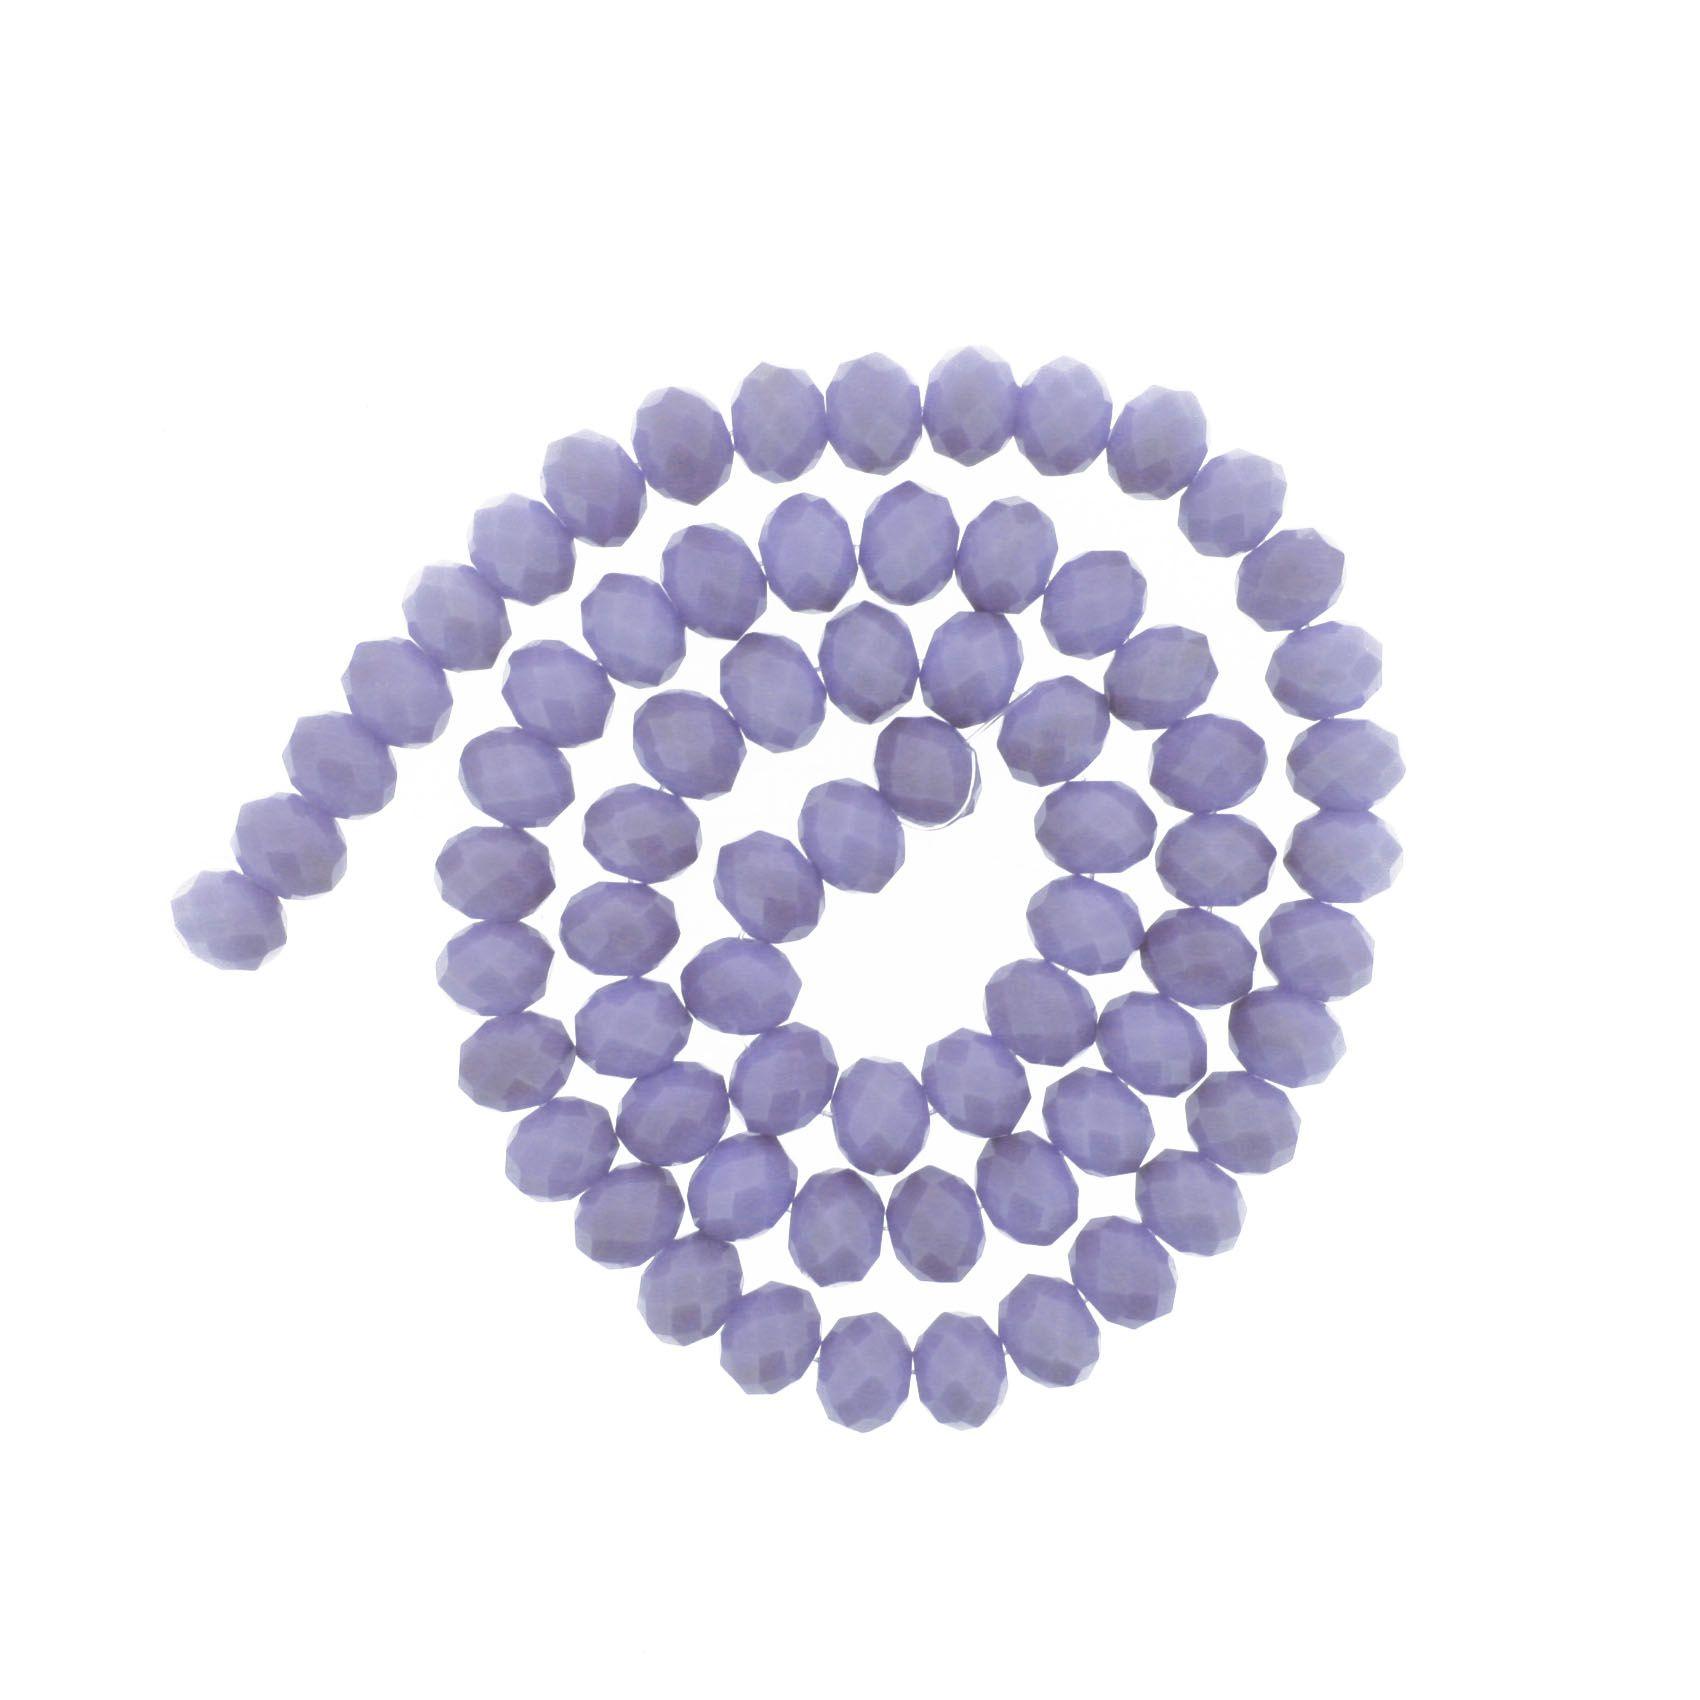 Fio de Cristal - Piatto® - Lilás - 8mm  - Universo Religioso® - Artigos de Umbanda e Candomblé